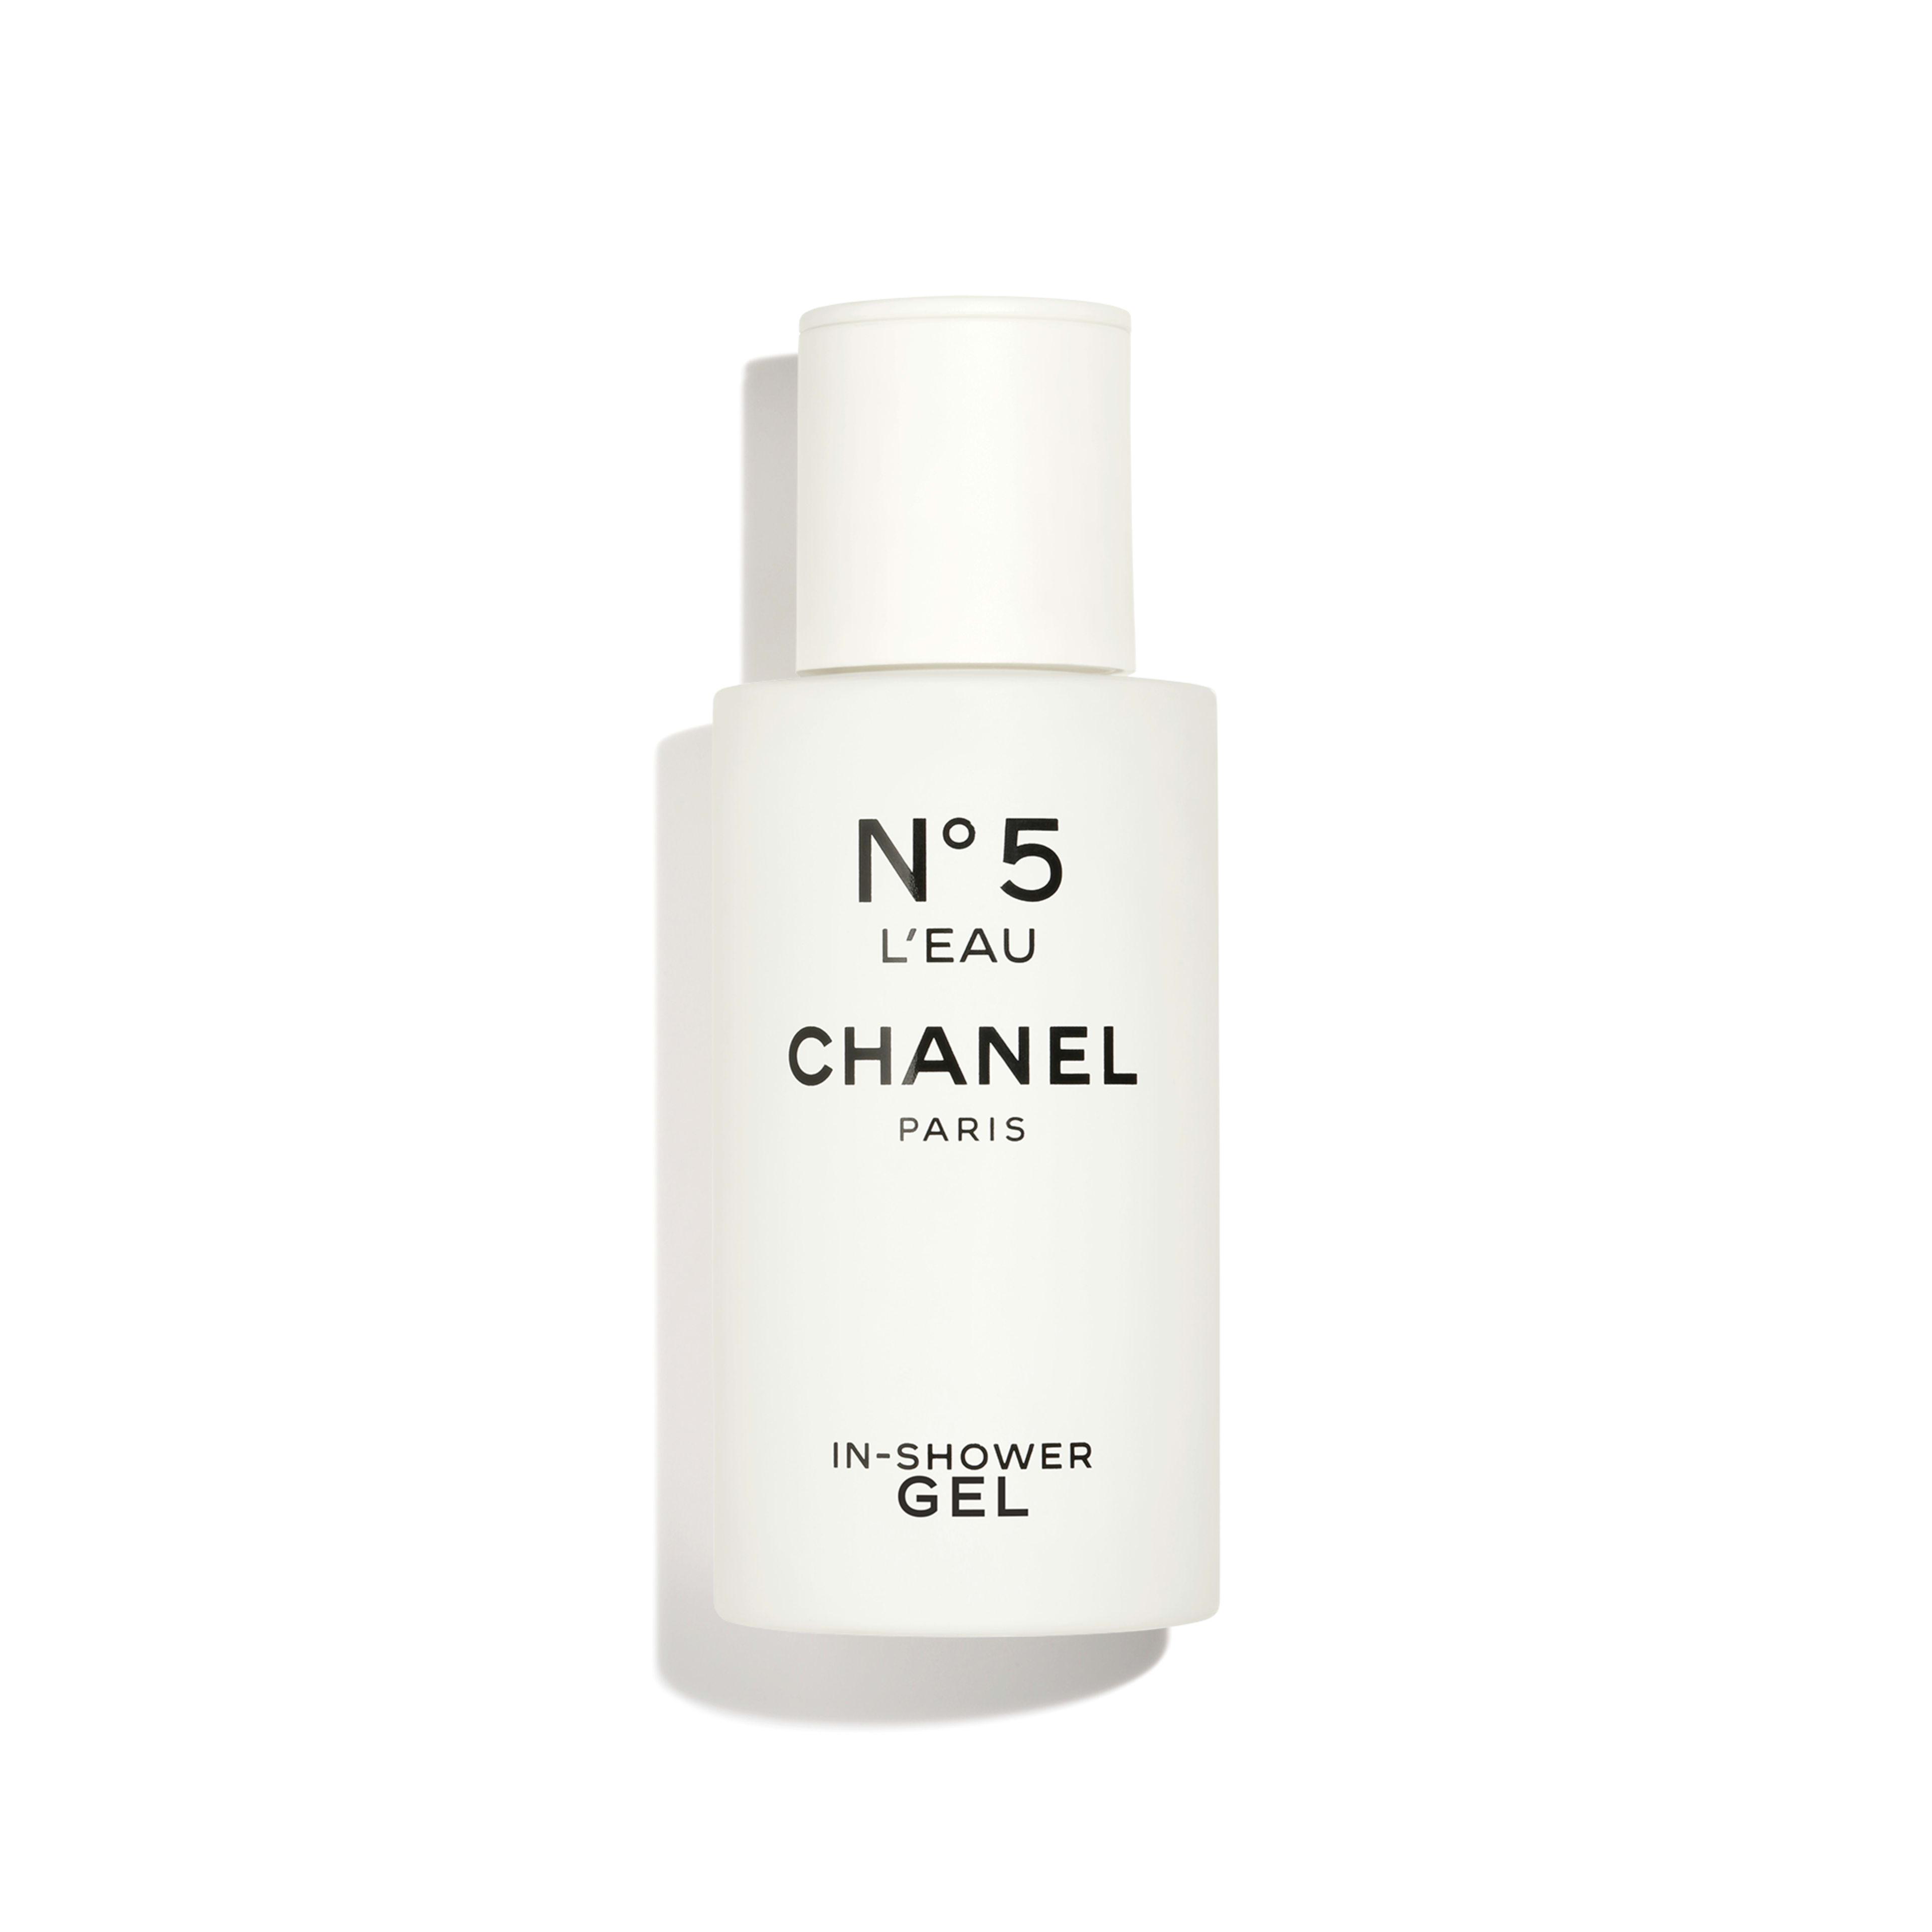 d94dcb7e N°5 - Cologne & Fragrance | CHANEL